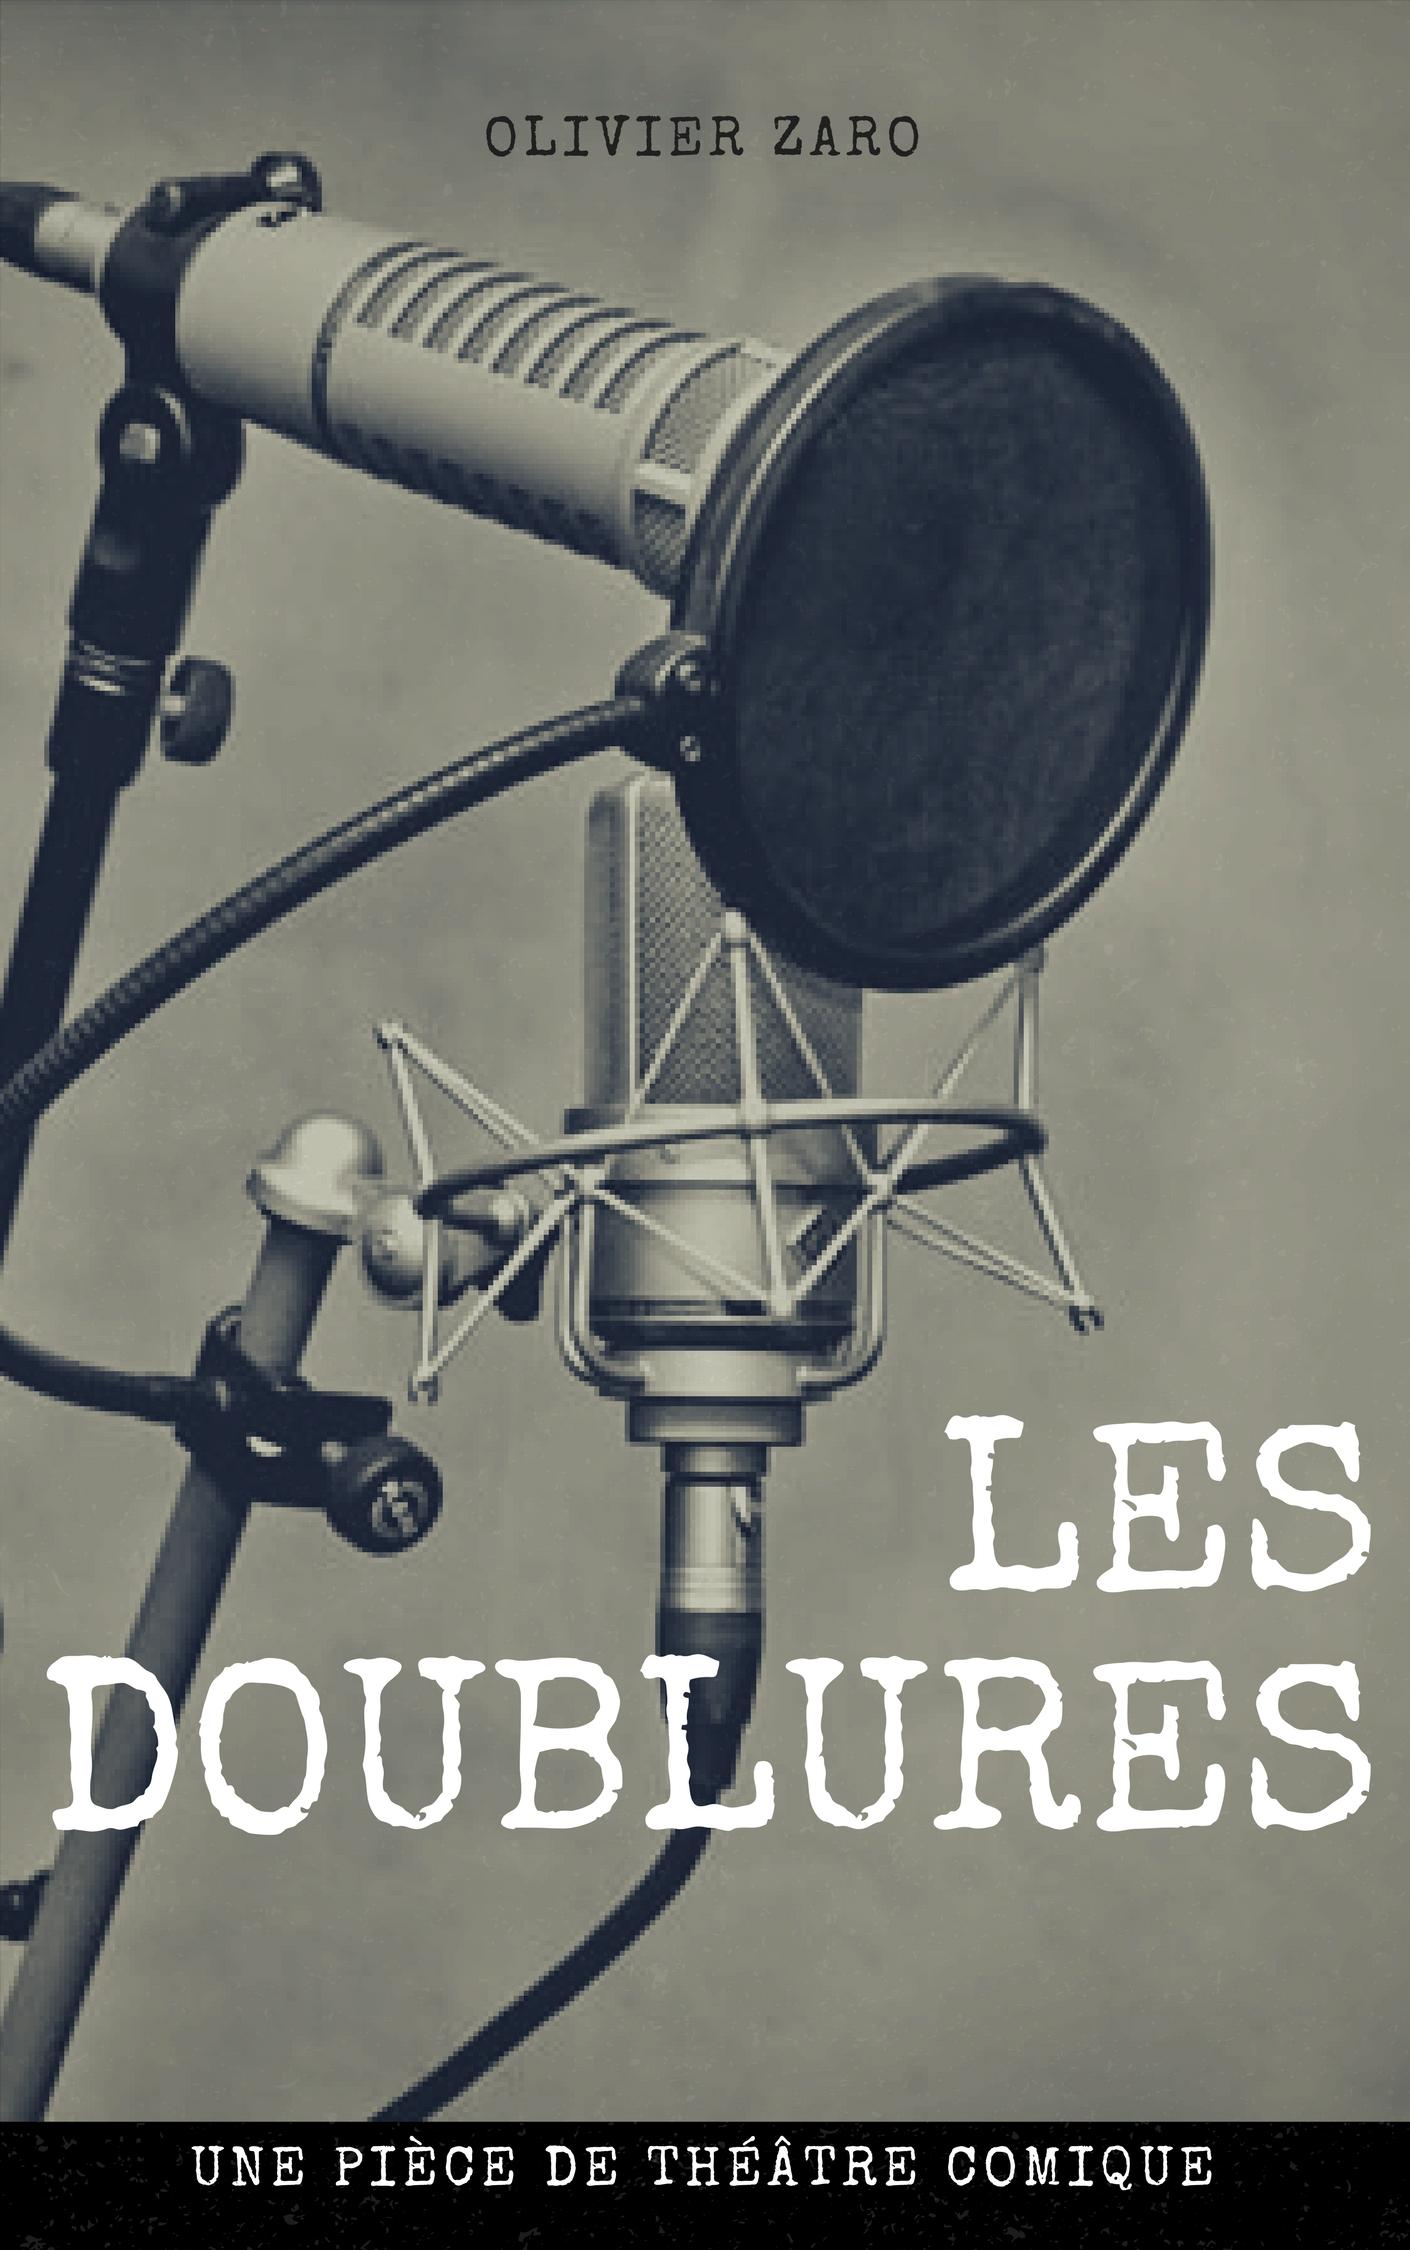 LES DOUBLURES